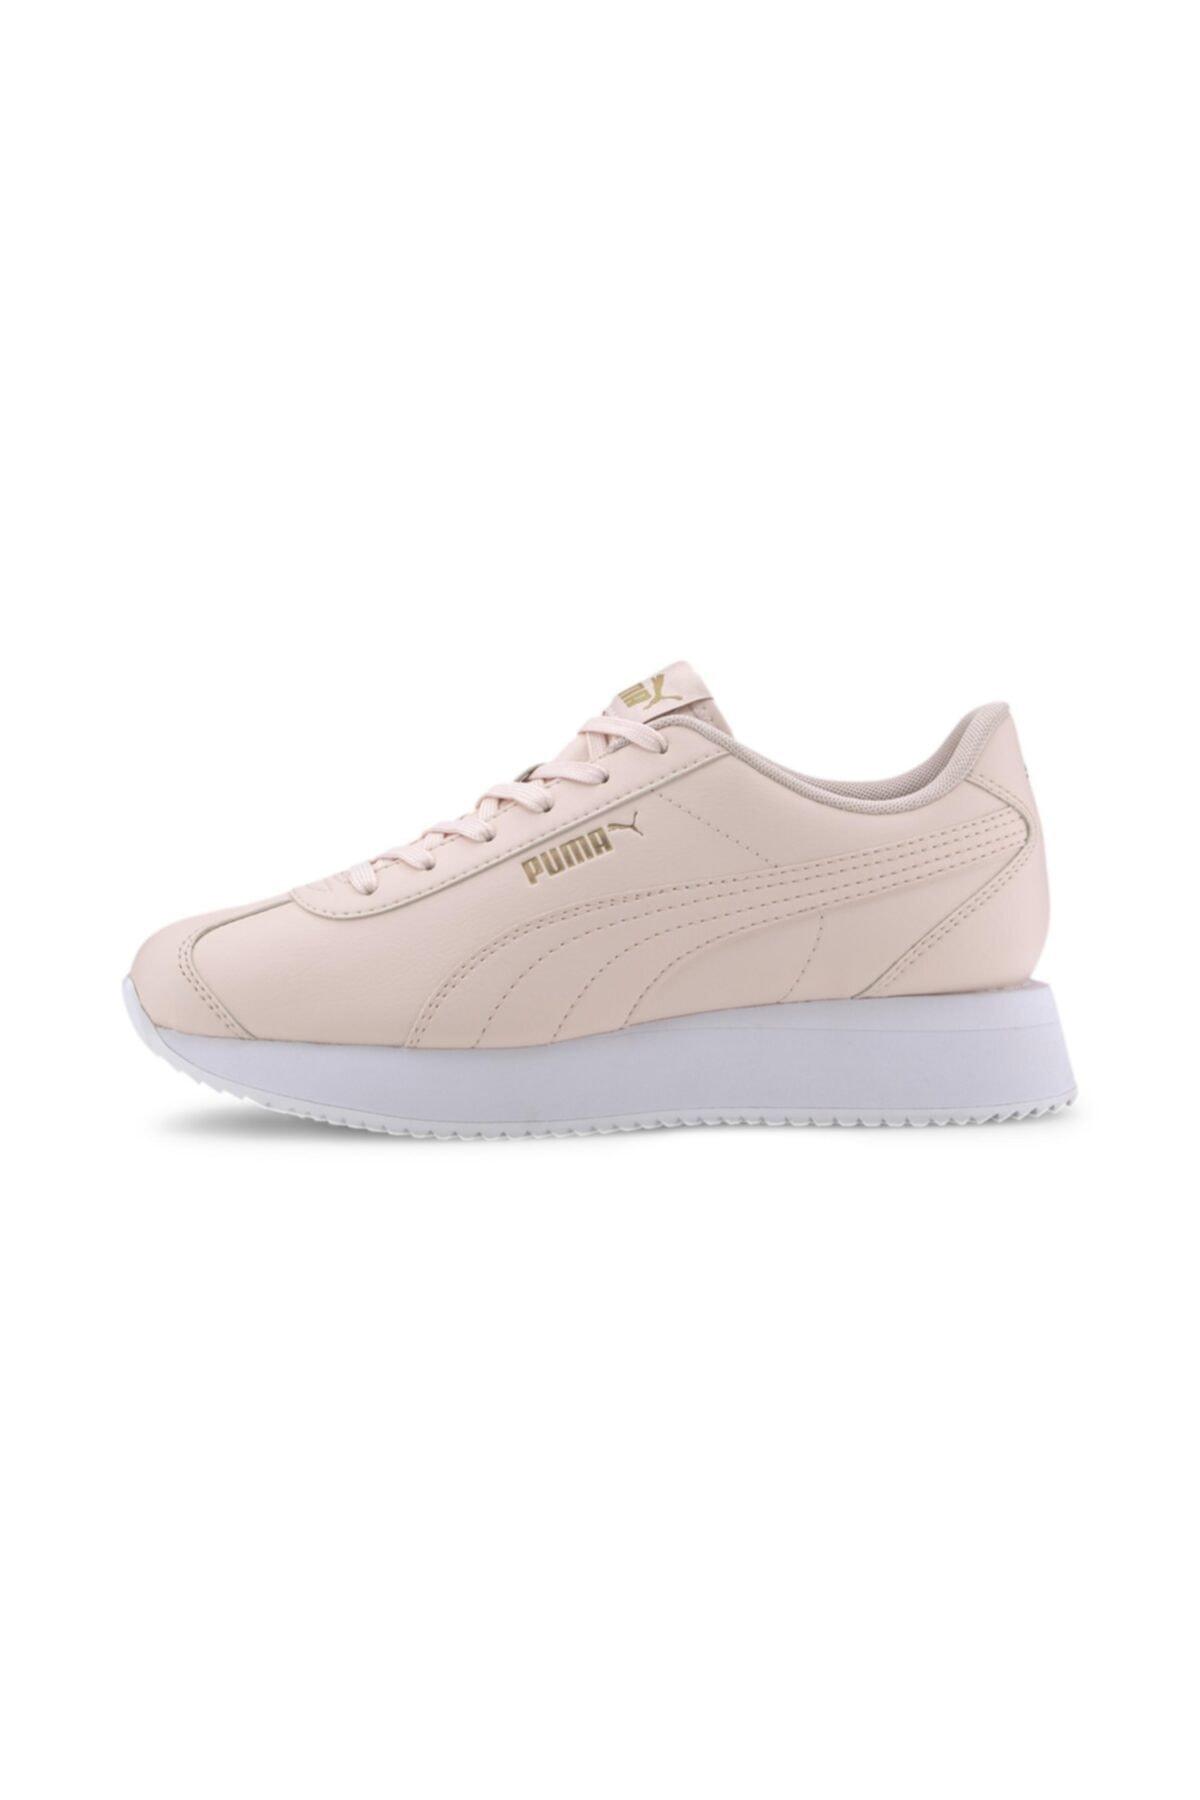 Puma TURINO STACKED-2 Pudra Kadın Sneaker Ayakkabı 100547482 1